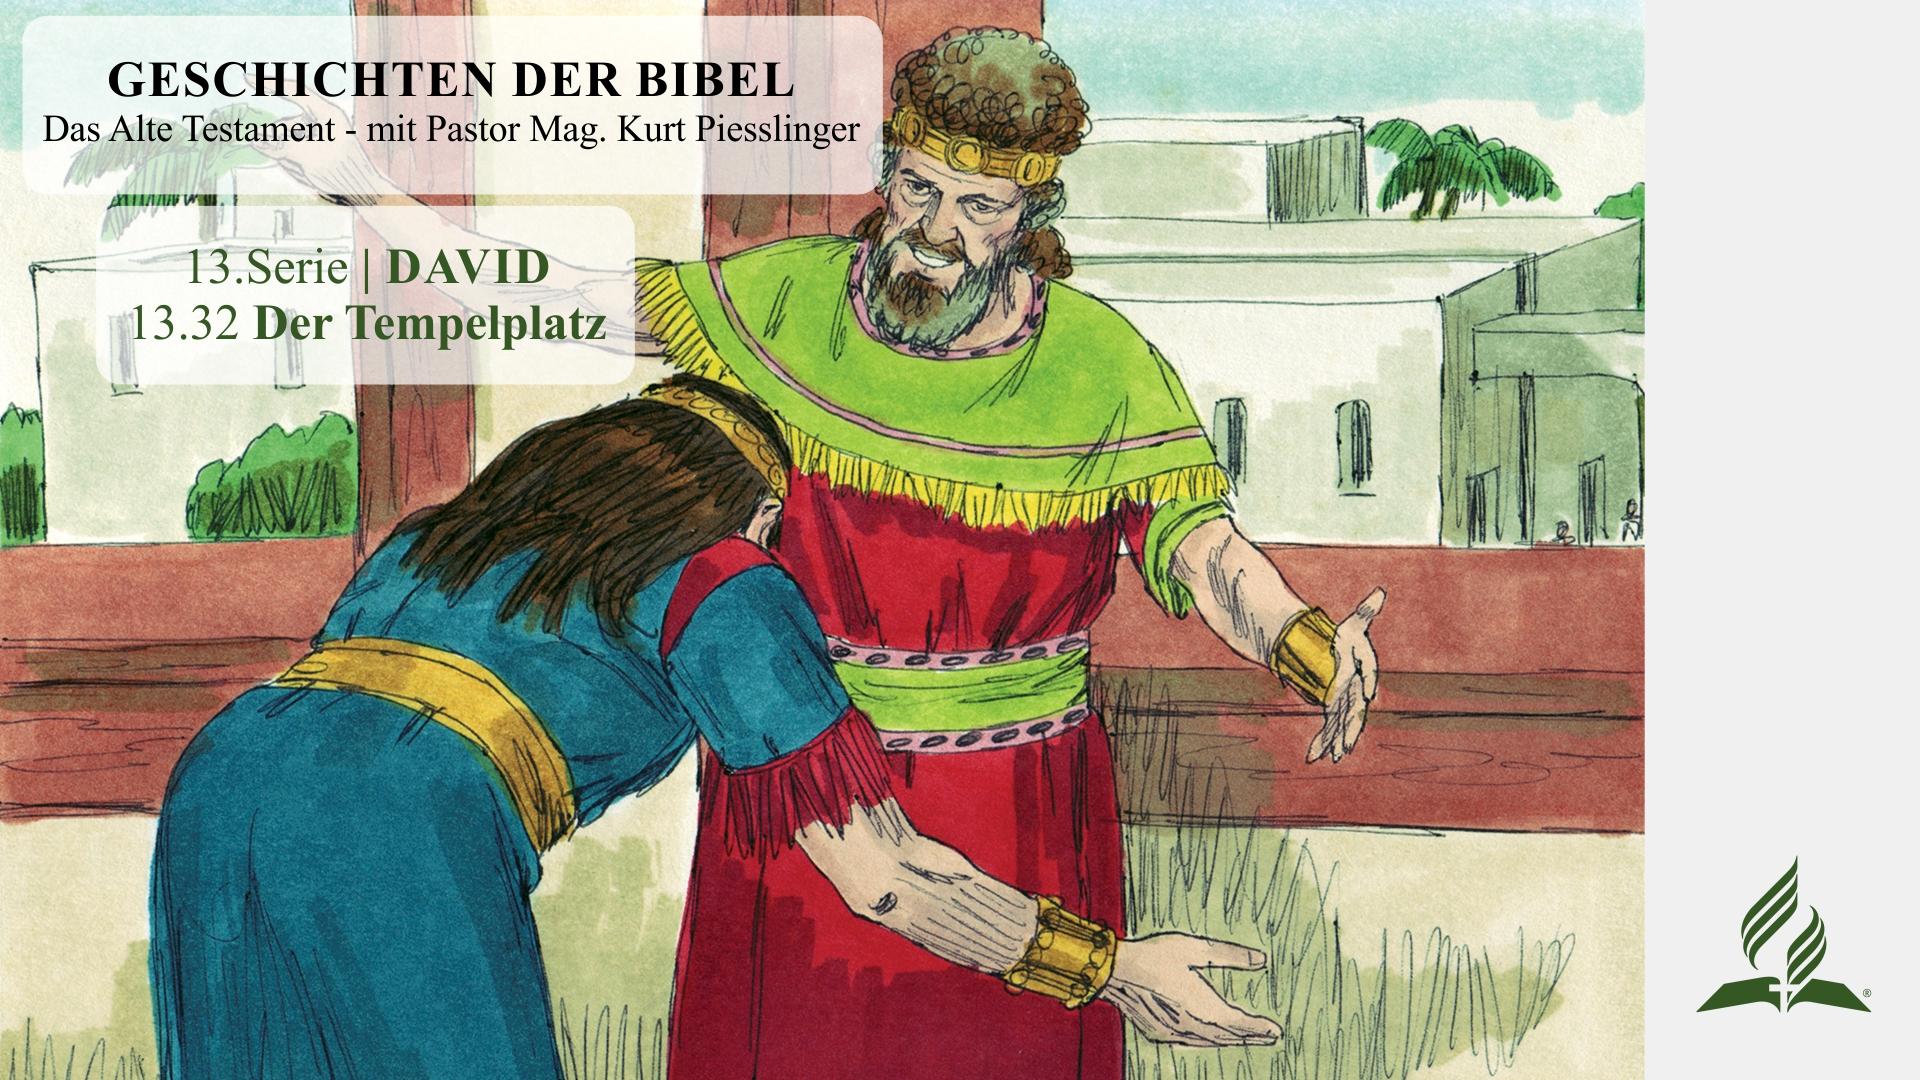 GESCHICHTEN DER BIBEL: 13.32 Der Tempelplatz – 13.DAVID | Pastor Mag.Kurt Piesslinger